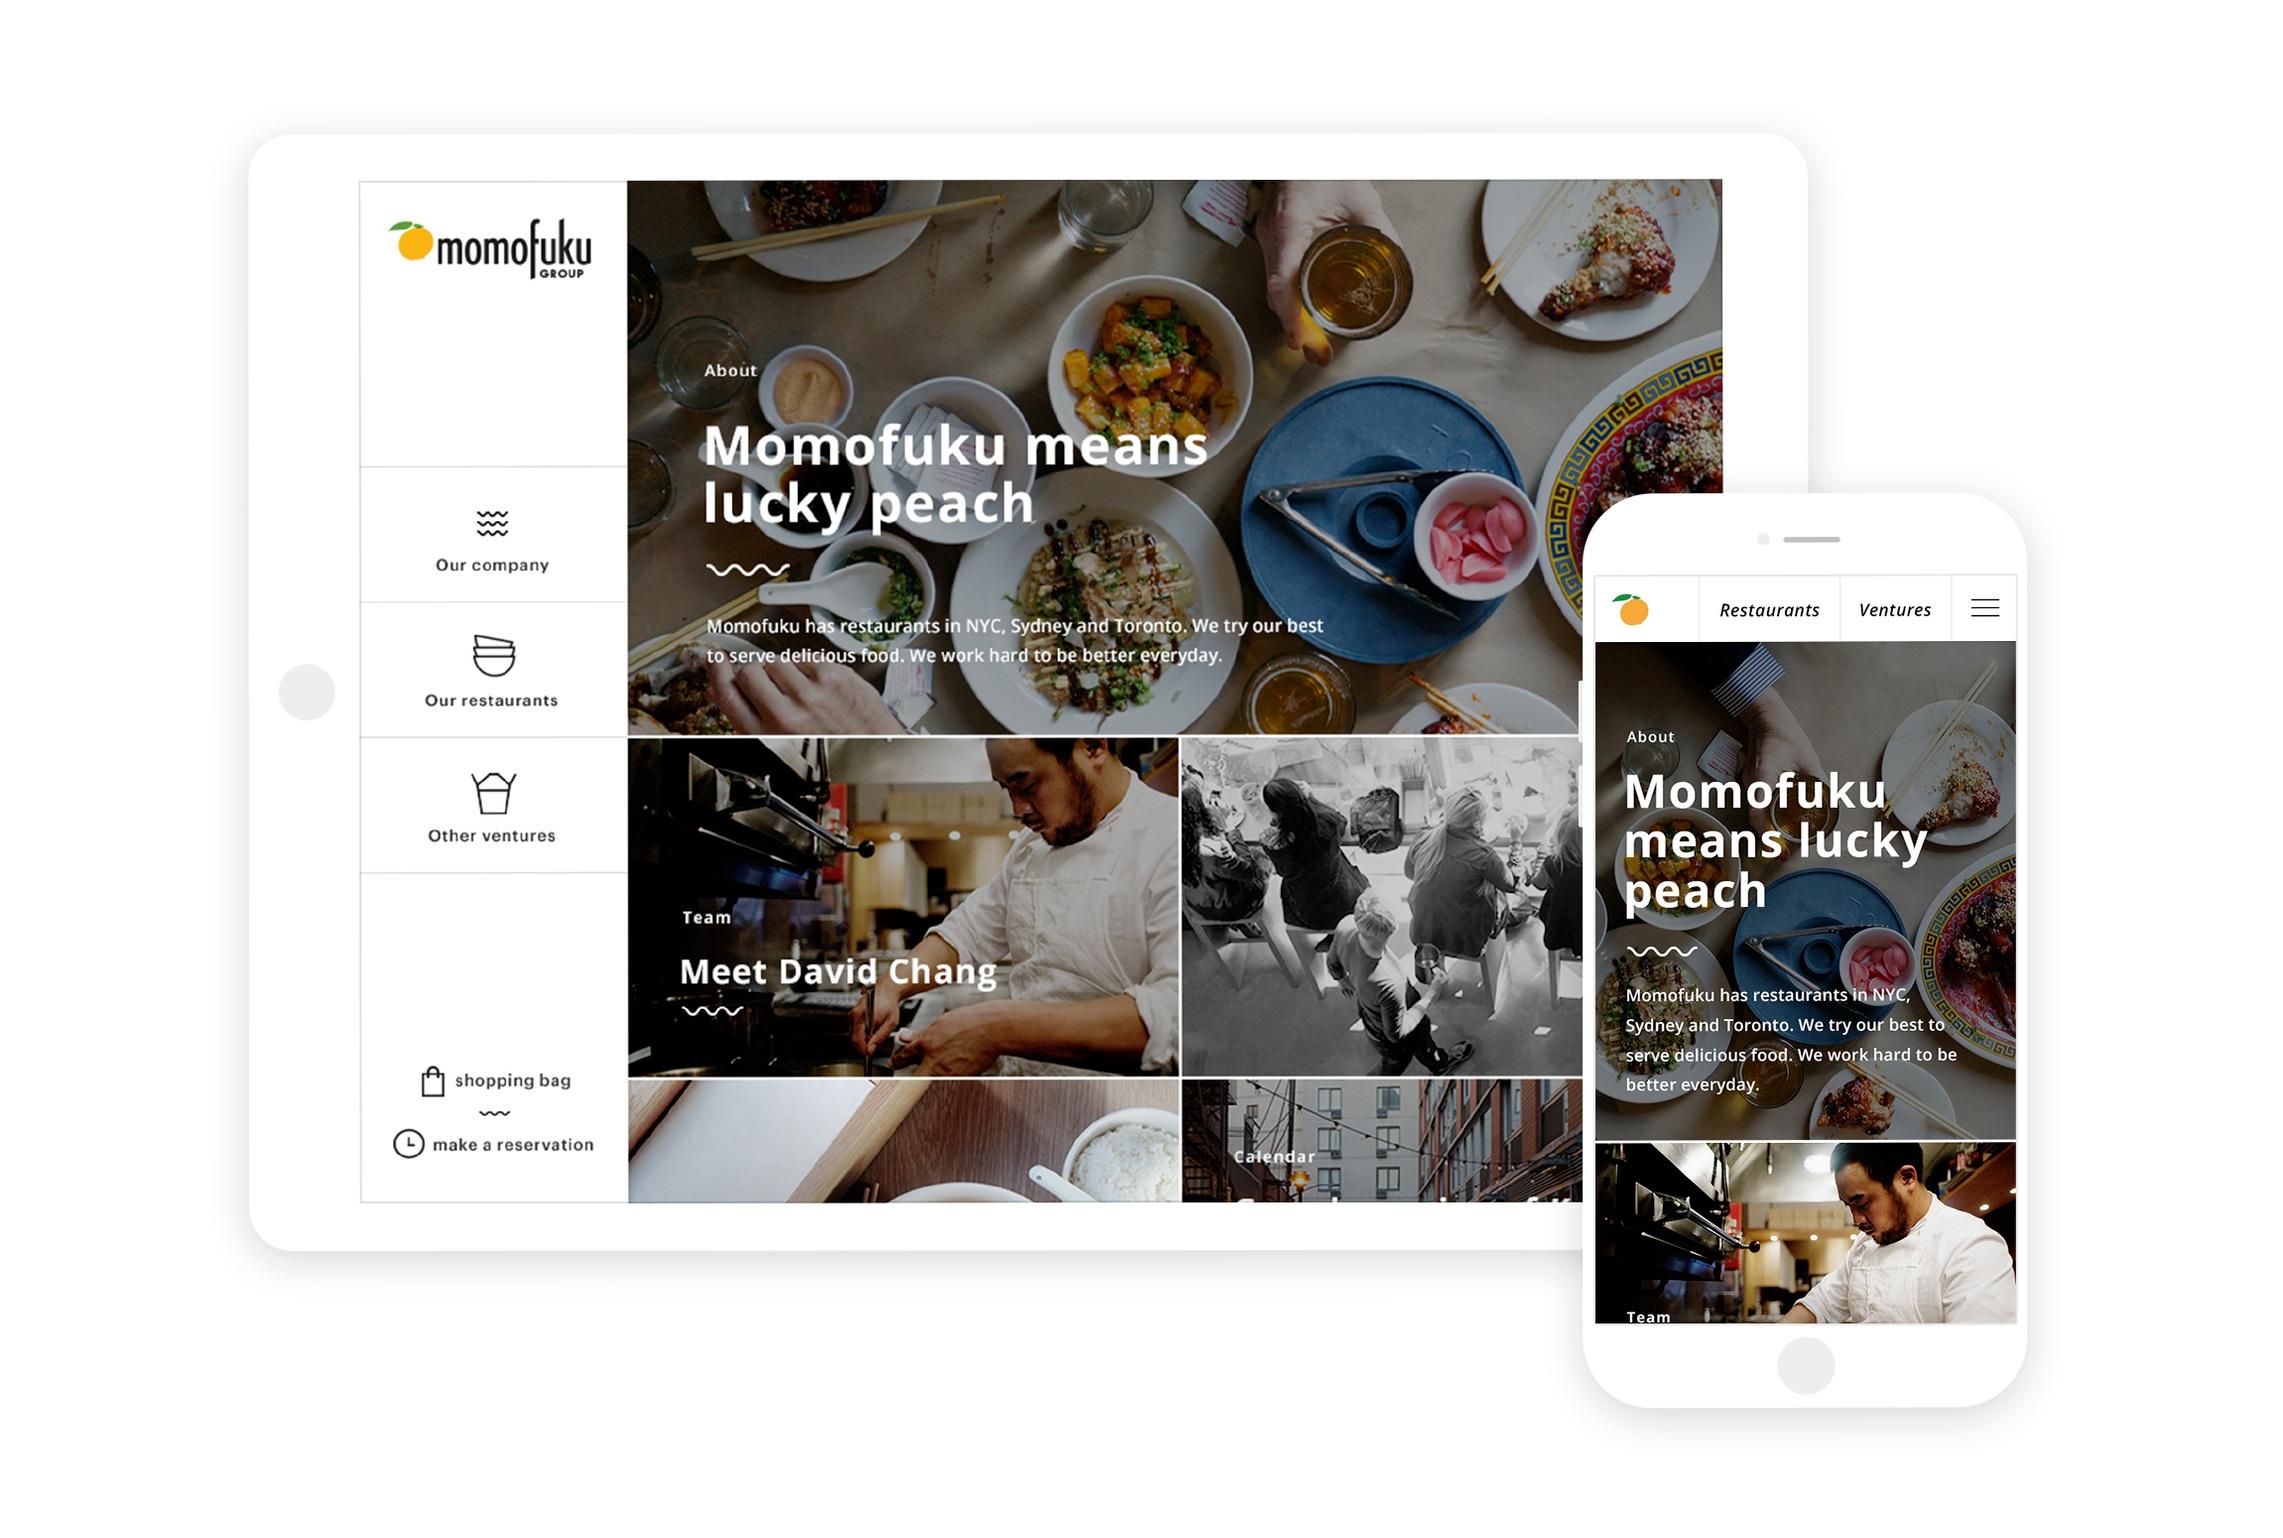 Momofuku_web_layout_mobile.jpg